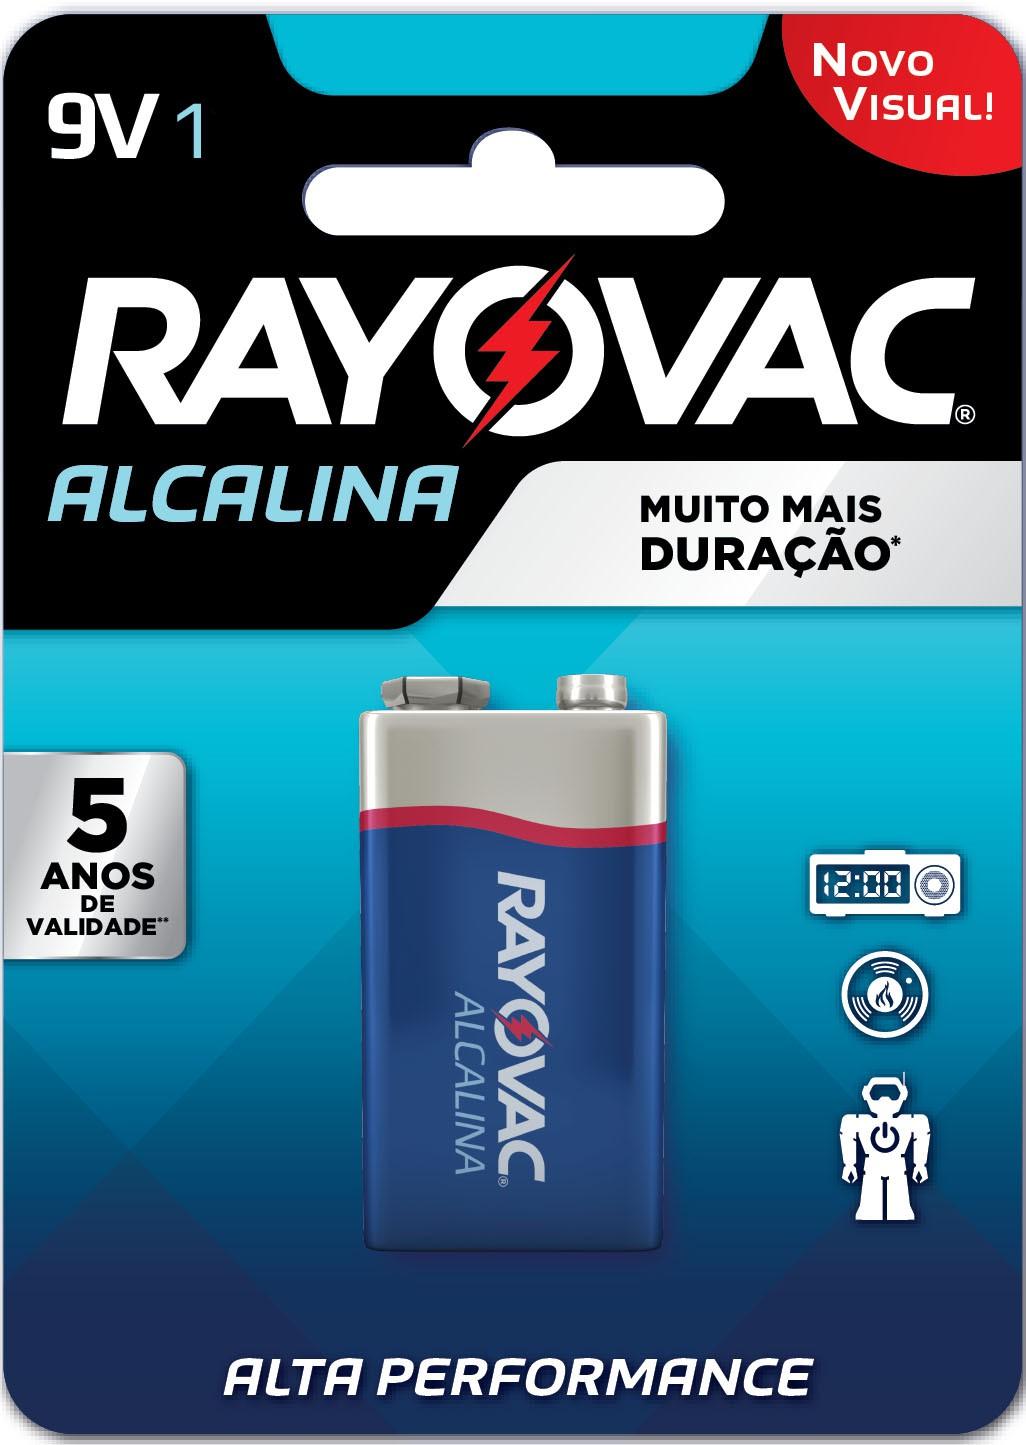 01 Pilha Bateria 9V Alcalina RAYOVAC - 01 cartela com 1 unidade